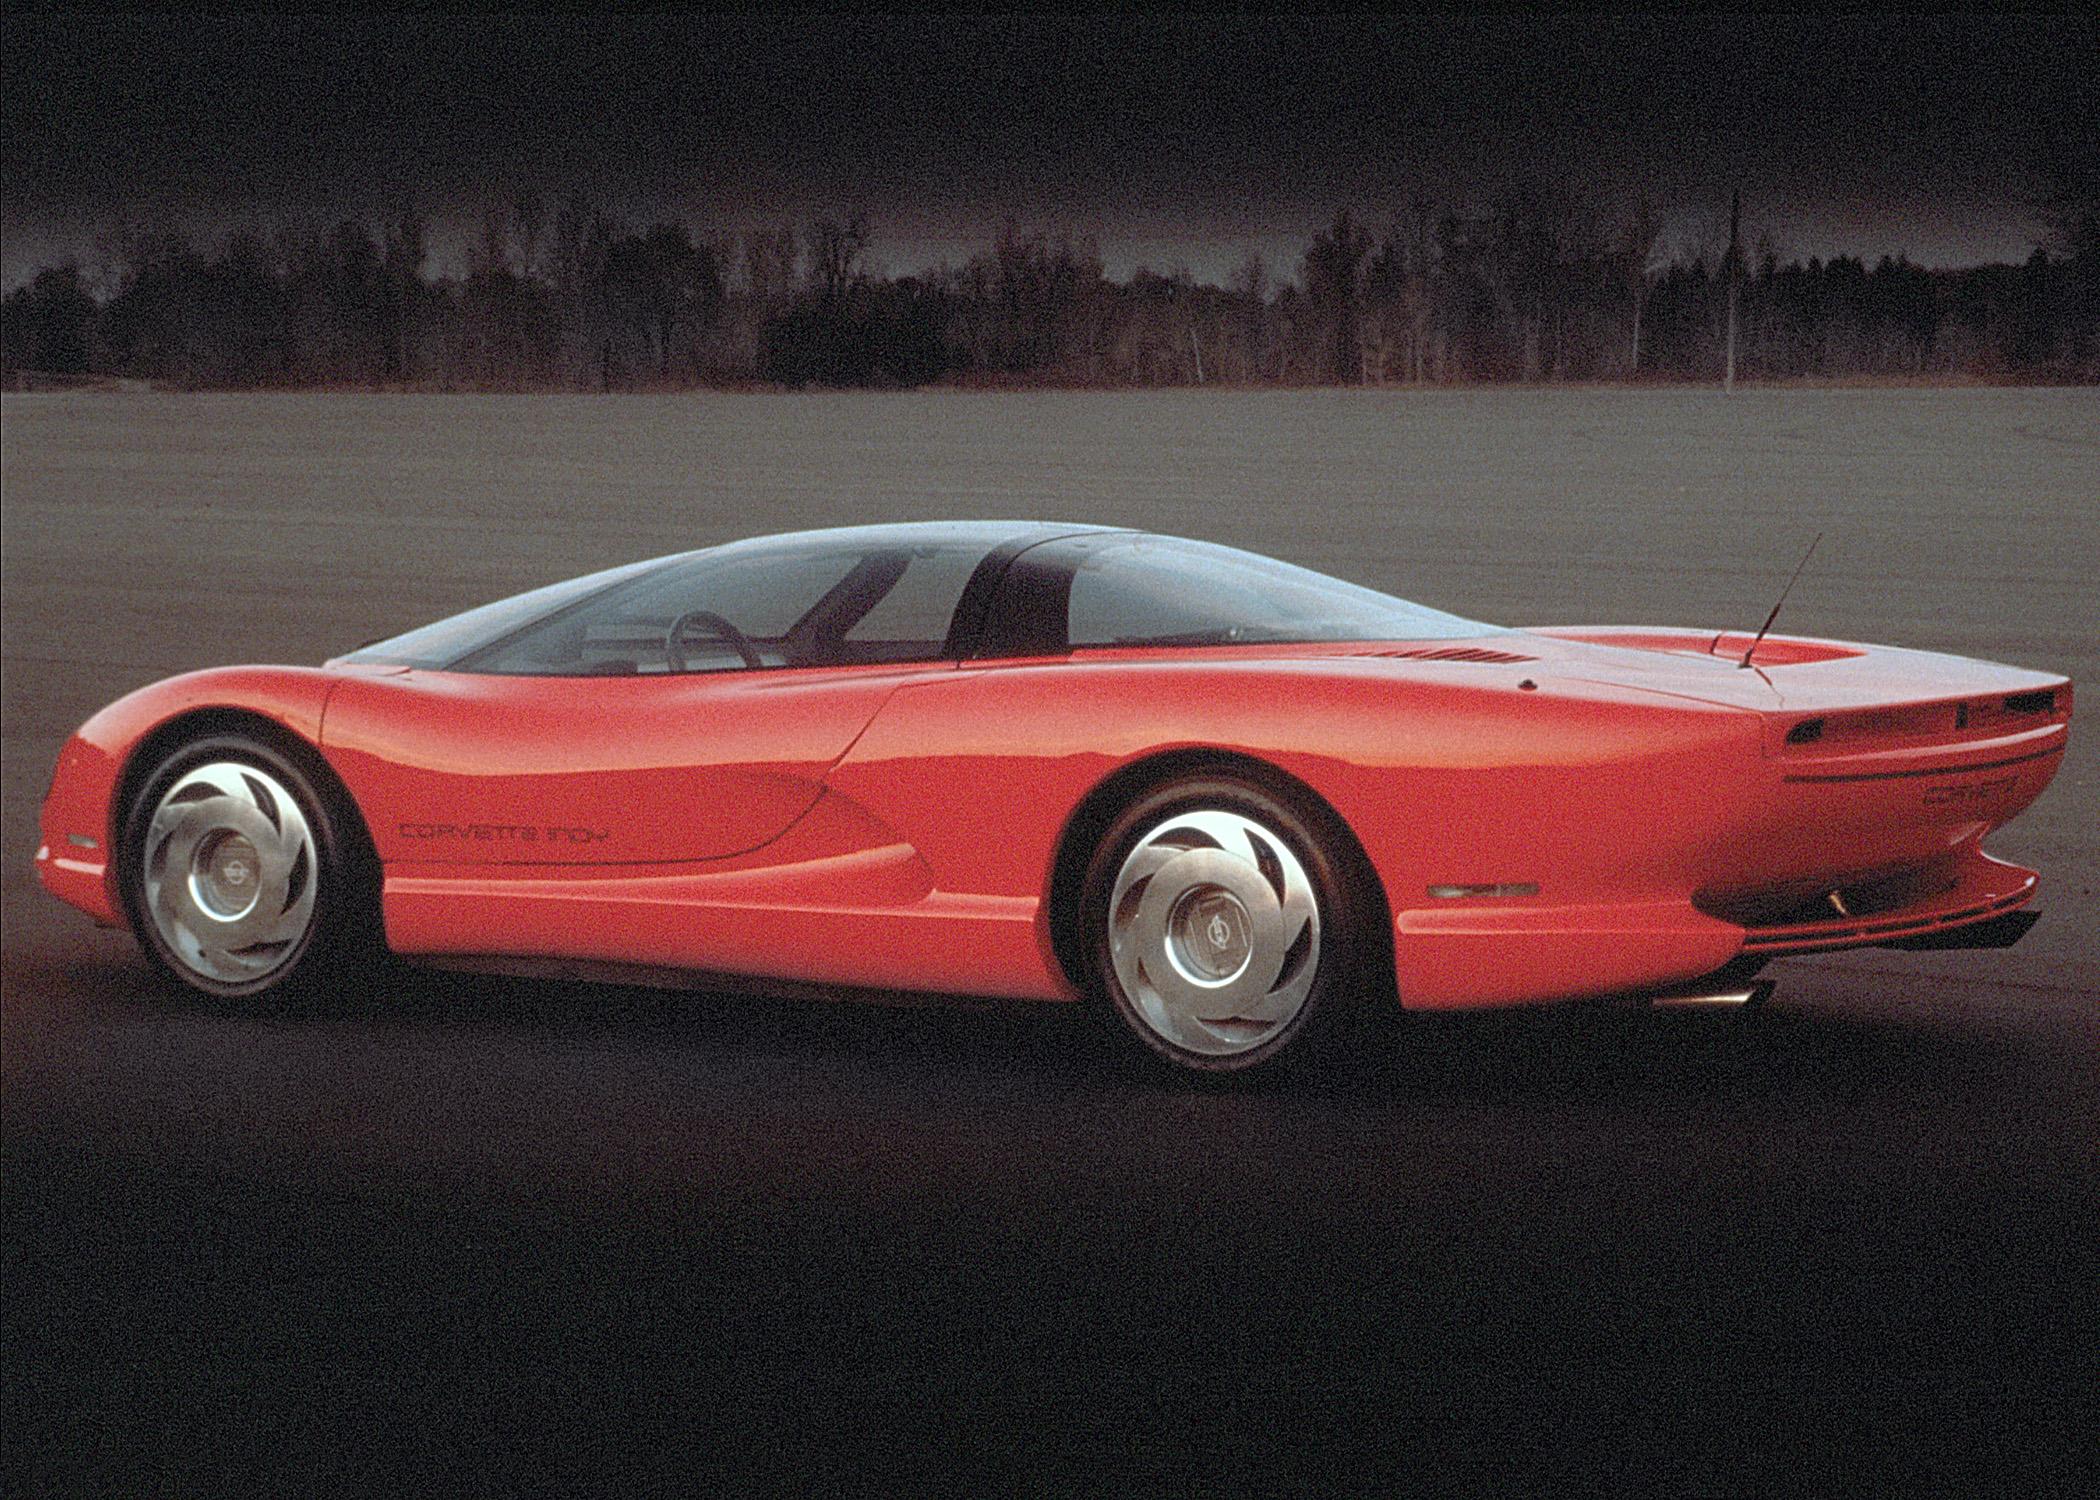 1986-Concept-Car-Chevrolet-Corvette-Indy-74741